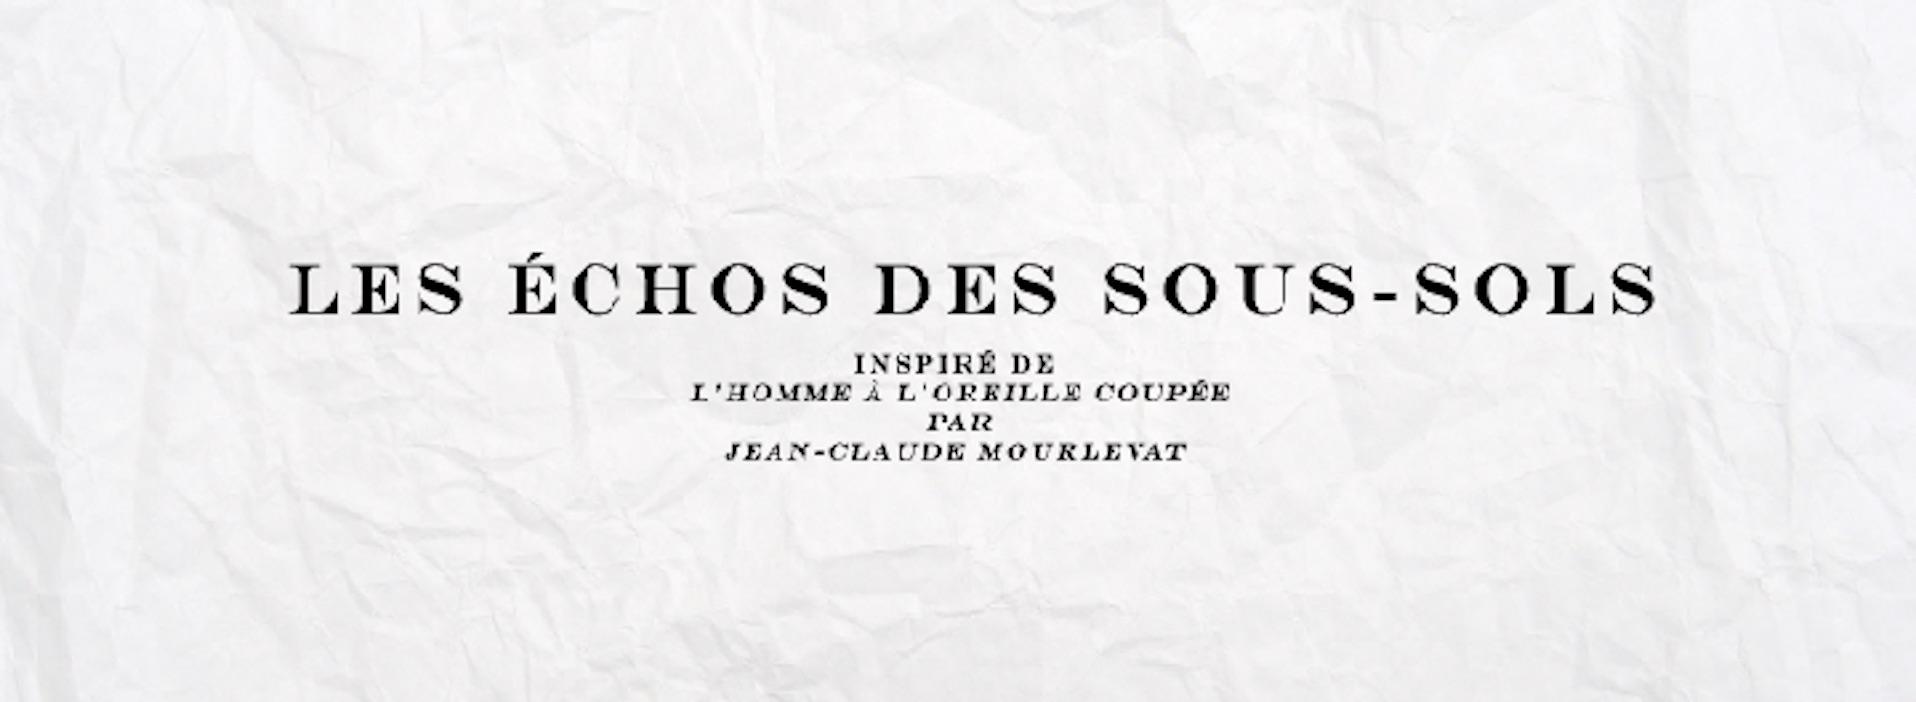 Les Echos Des Sous-Sols